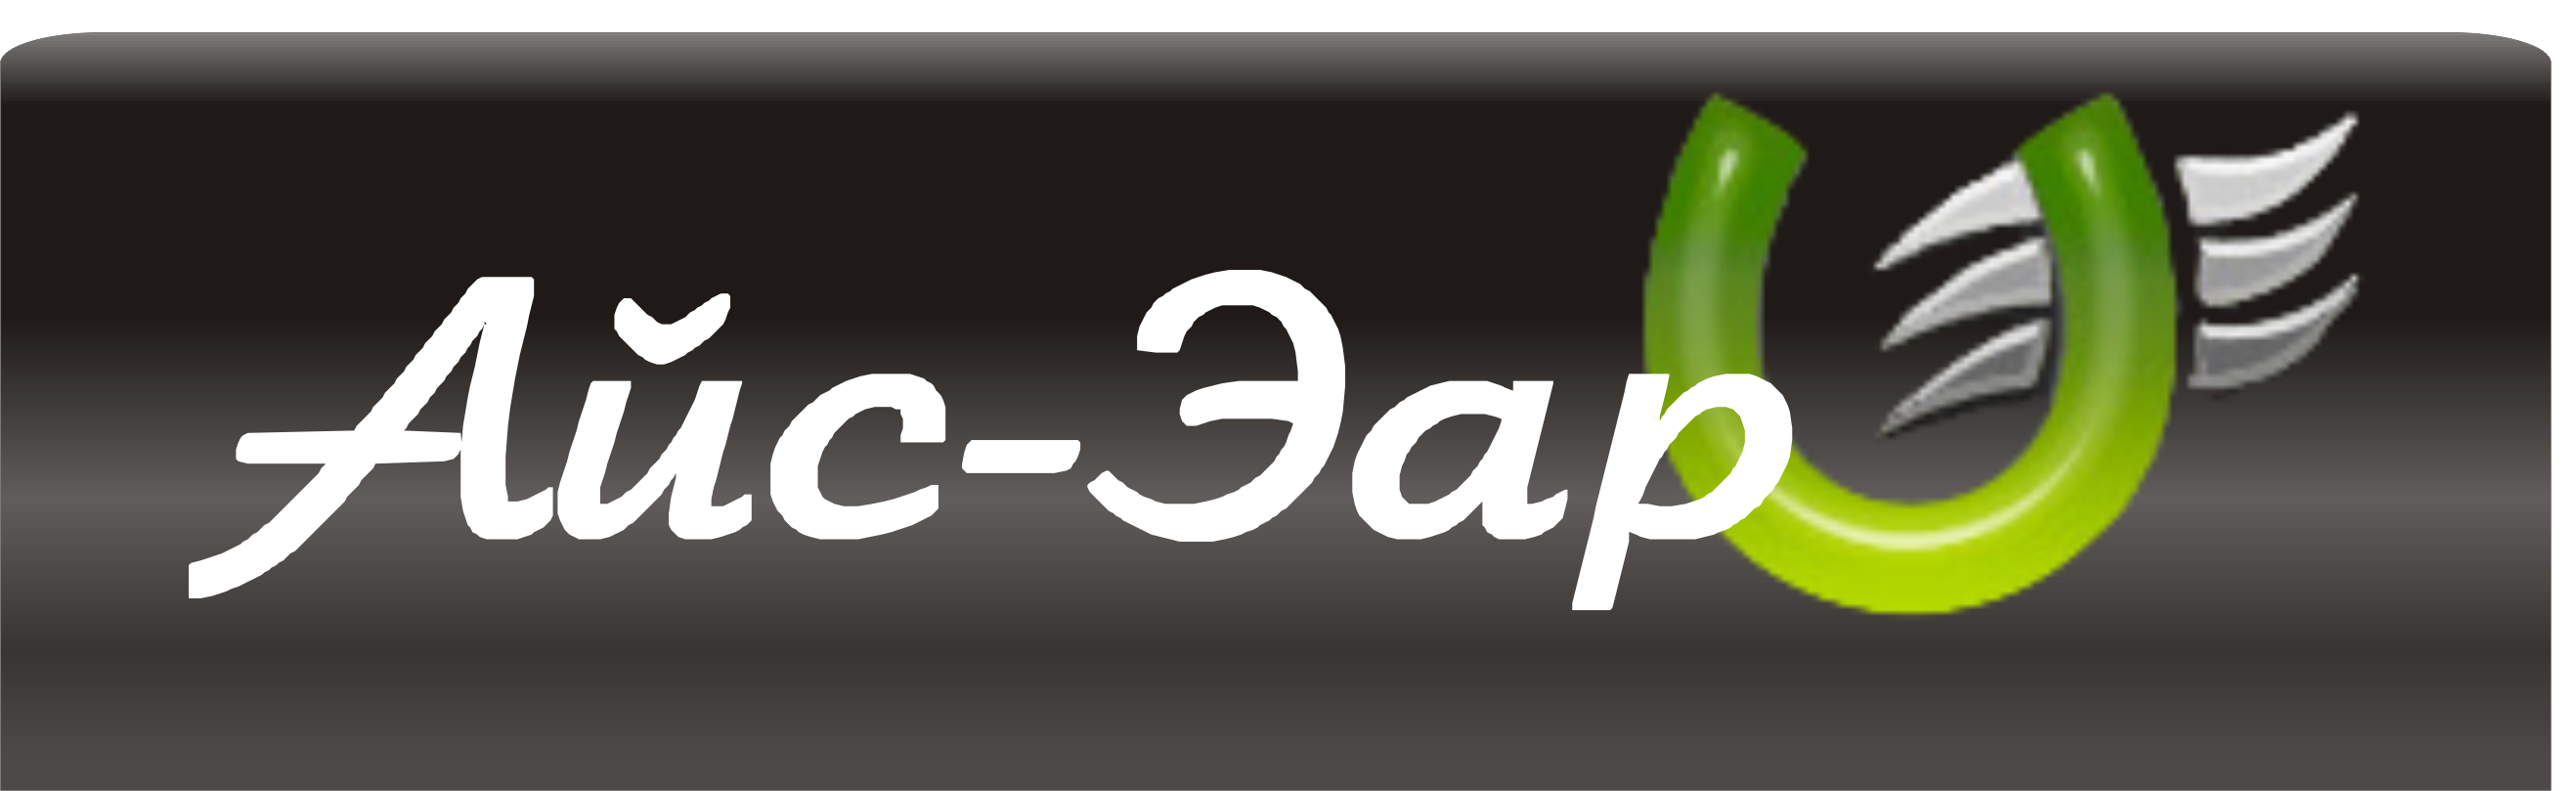 logo Айс-эар